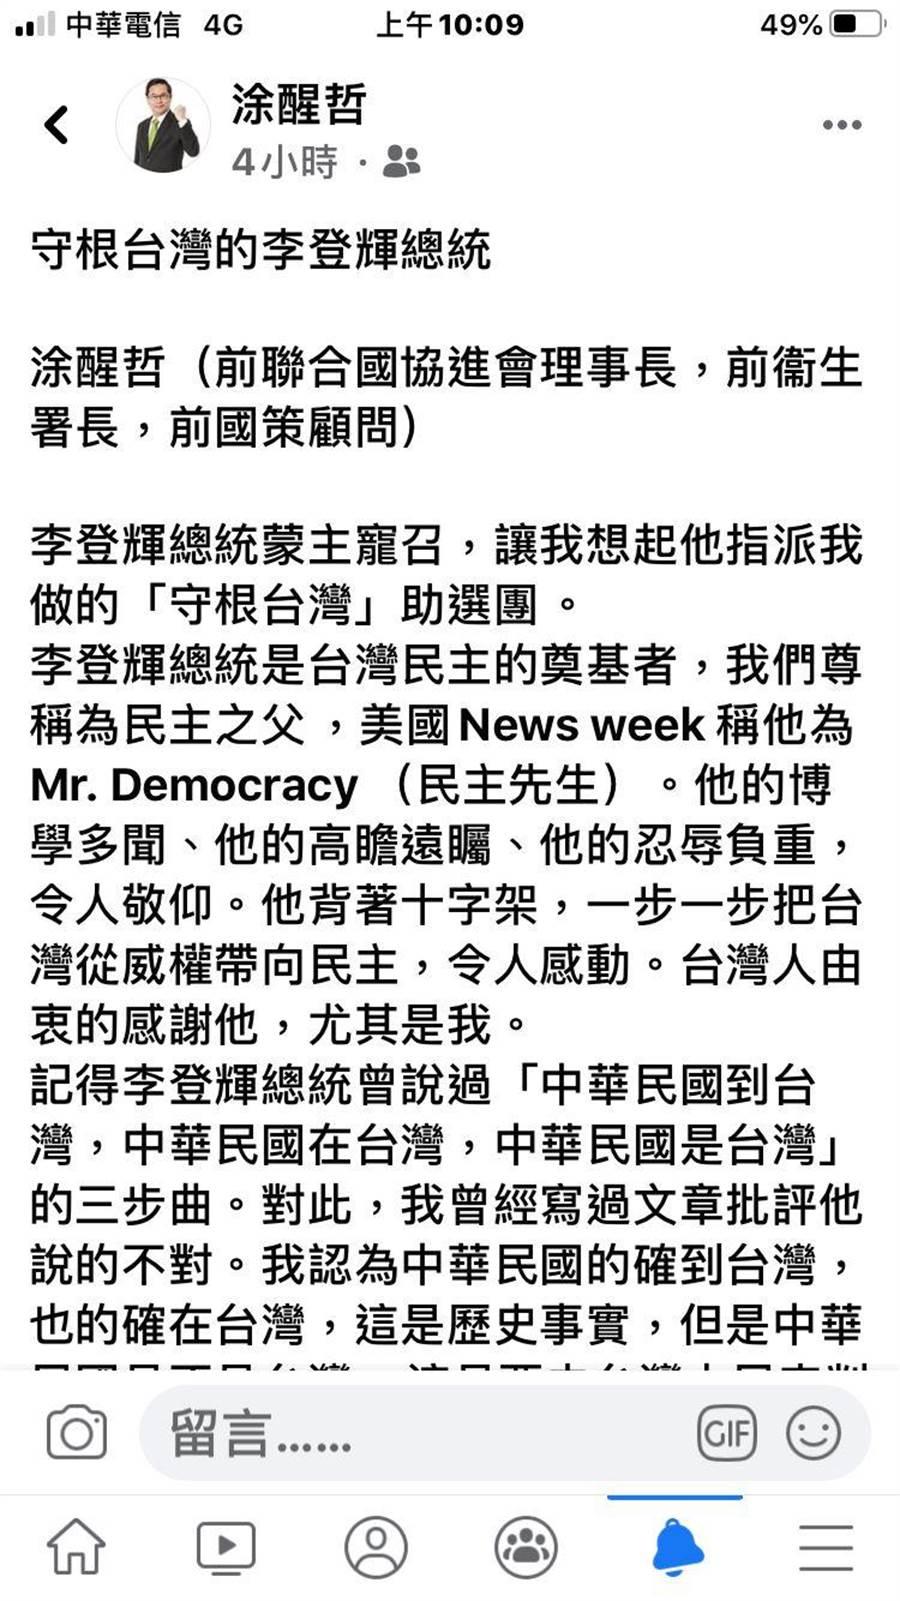 前嘉義市長涂醒哲臉書發文哀悼李登輝前總統。( 截圖自涂醒哲臉書)